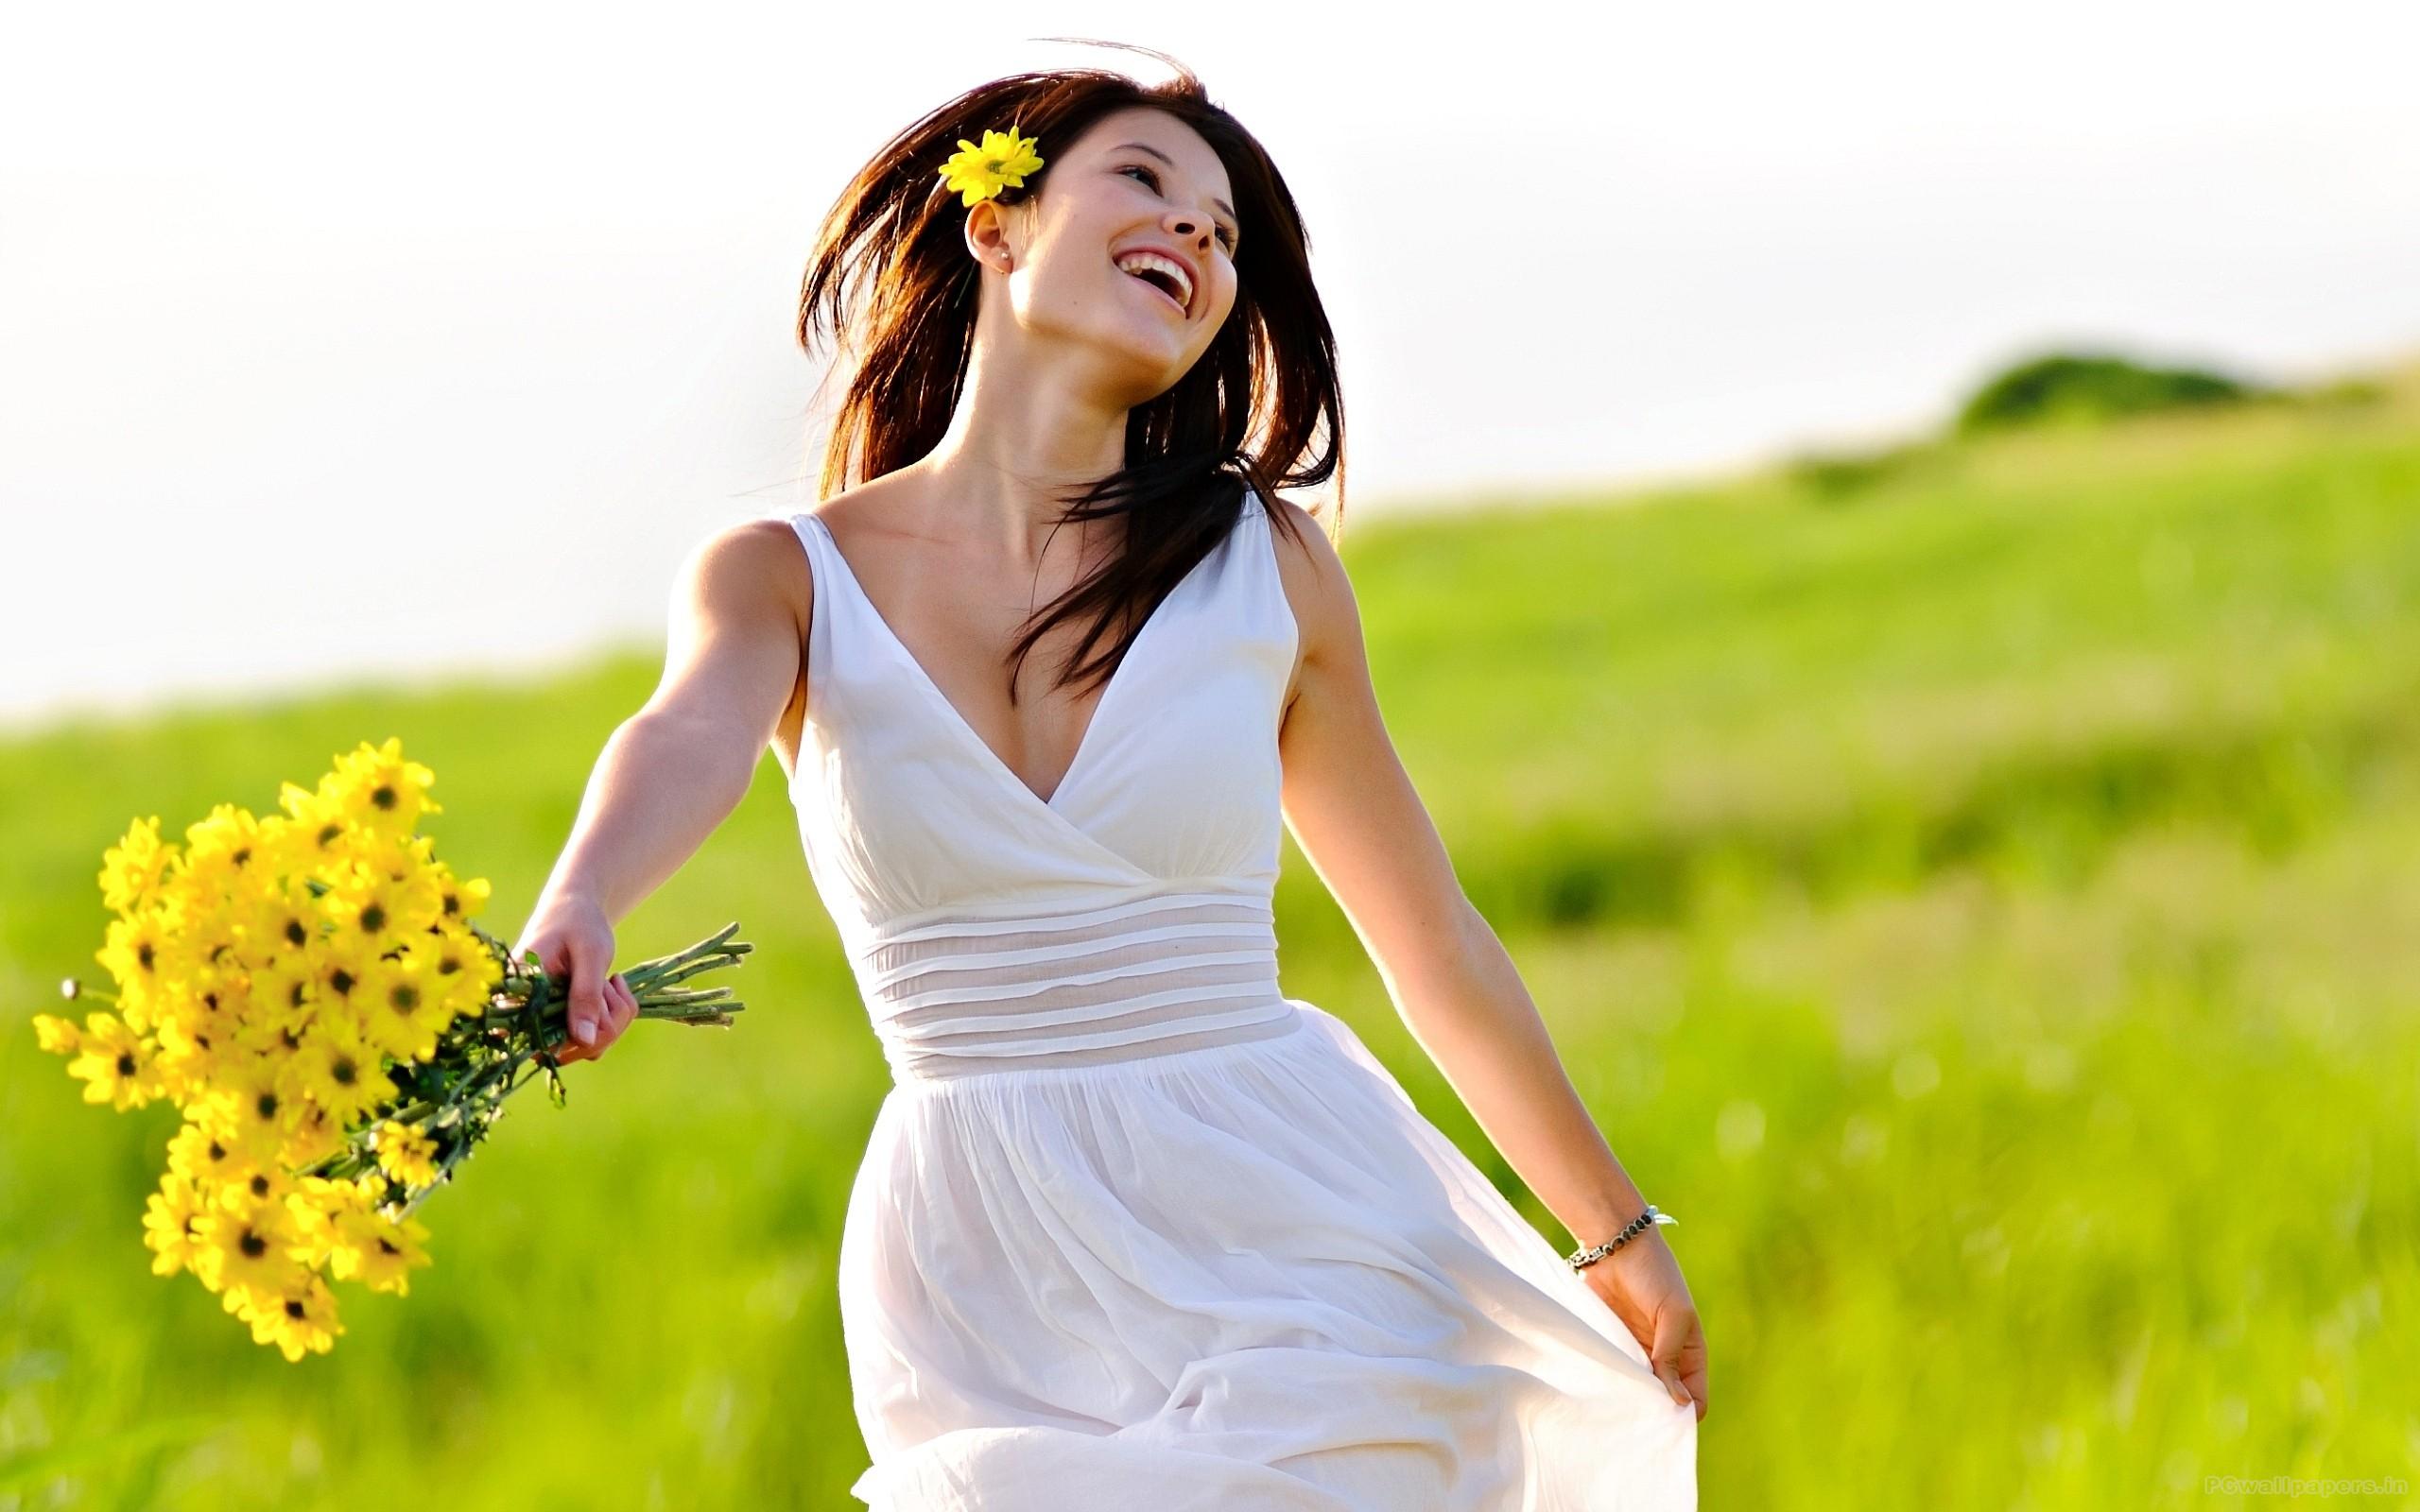 Mutlu Olmak İsteyenlere Altın Kurallar Nelerdir?